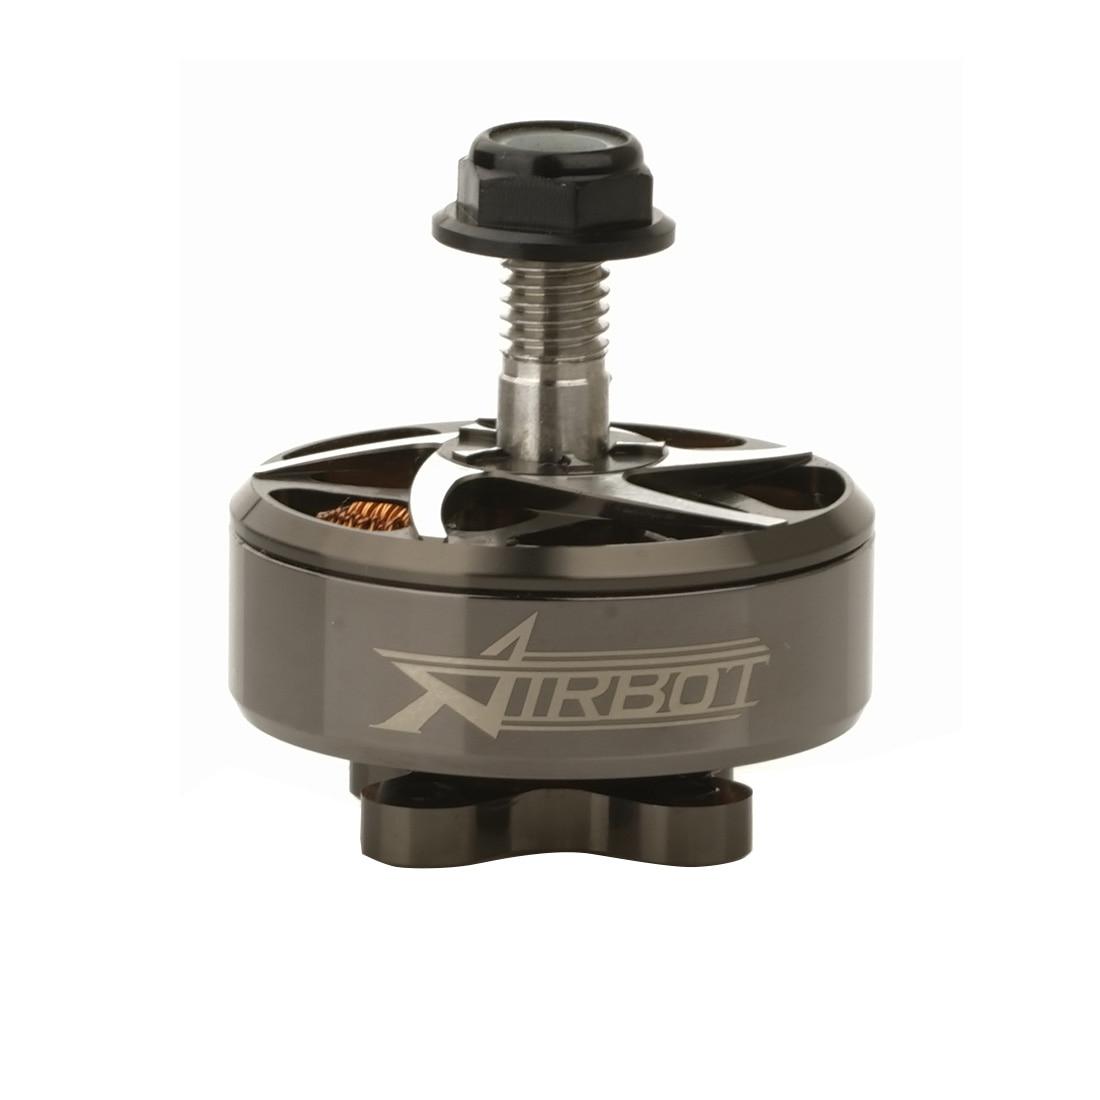 Airbot VITE 2306.5 1800KV 5-6 S/2500KV 3-5S fırçasız motor DIY RC Drone FPV yarış multicopter yedek parça aksesuarları